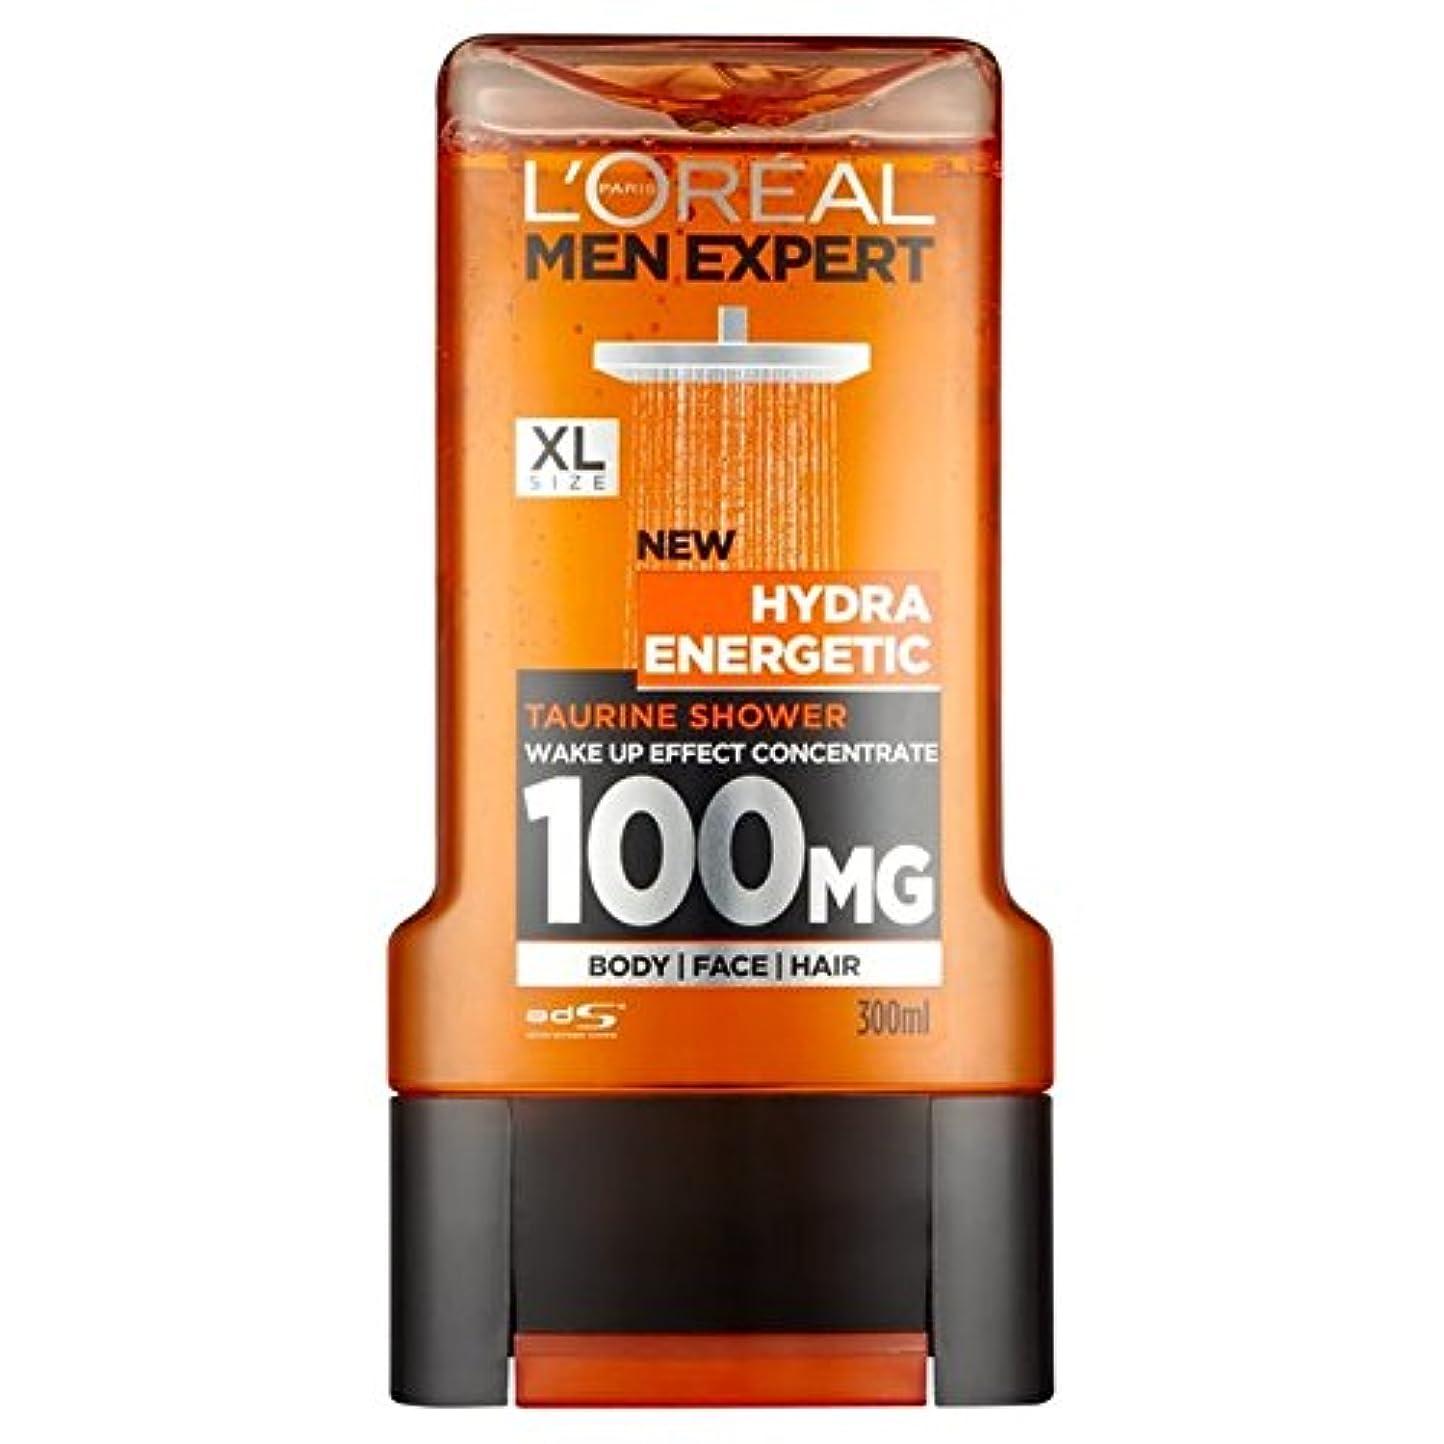 L'Oreal Paris Men Expert Hydra Energetic Shower Gel 300ml - ロレアルパリのメンズ専門家ヒドラエネルギッシュなシャワージェル300ミリリットル [並行輸入品]